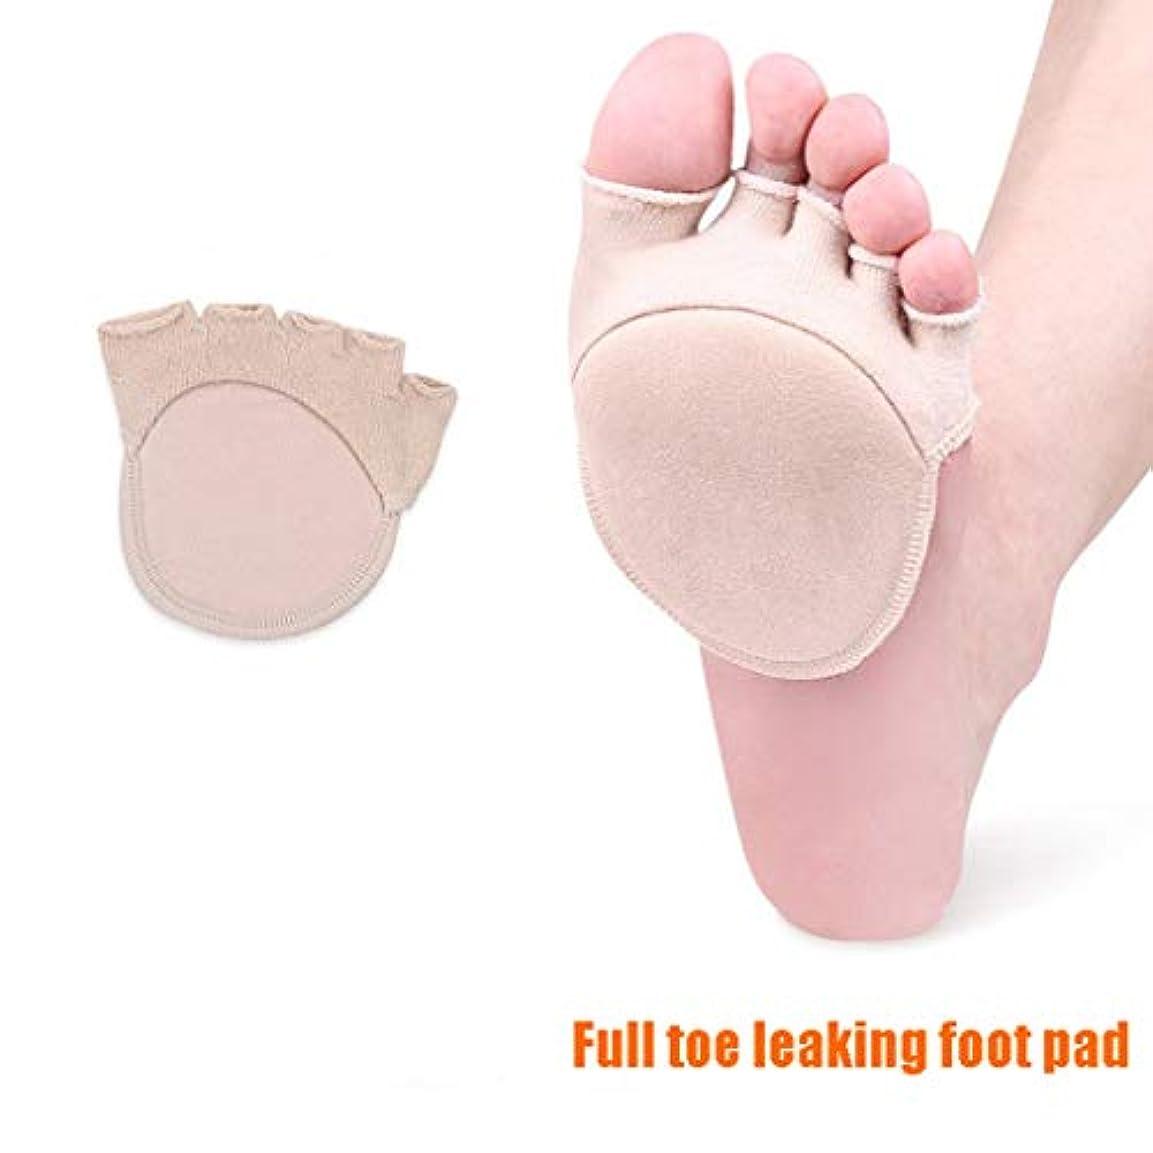 人事大声でレビュー足底筋膜炎の治療、5本のつま先のつま先のデザイン、中足の痛みに適した固定スリップ、足の痛みの底,Flesh,Onesize